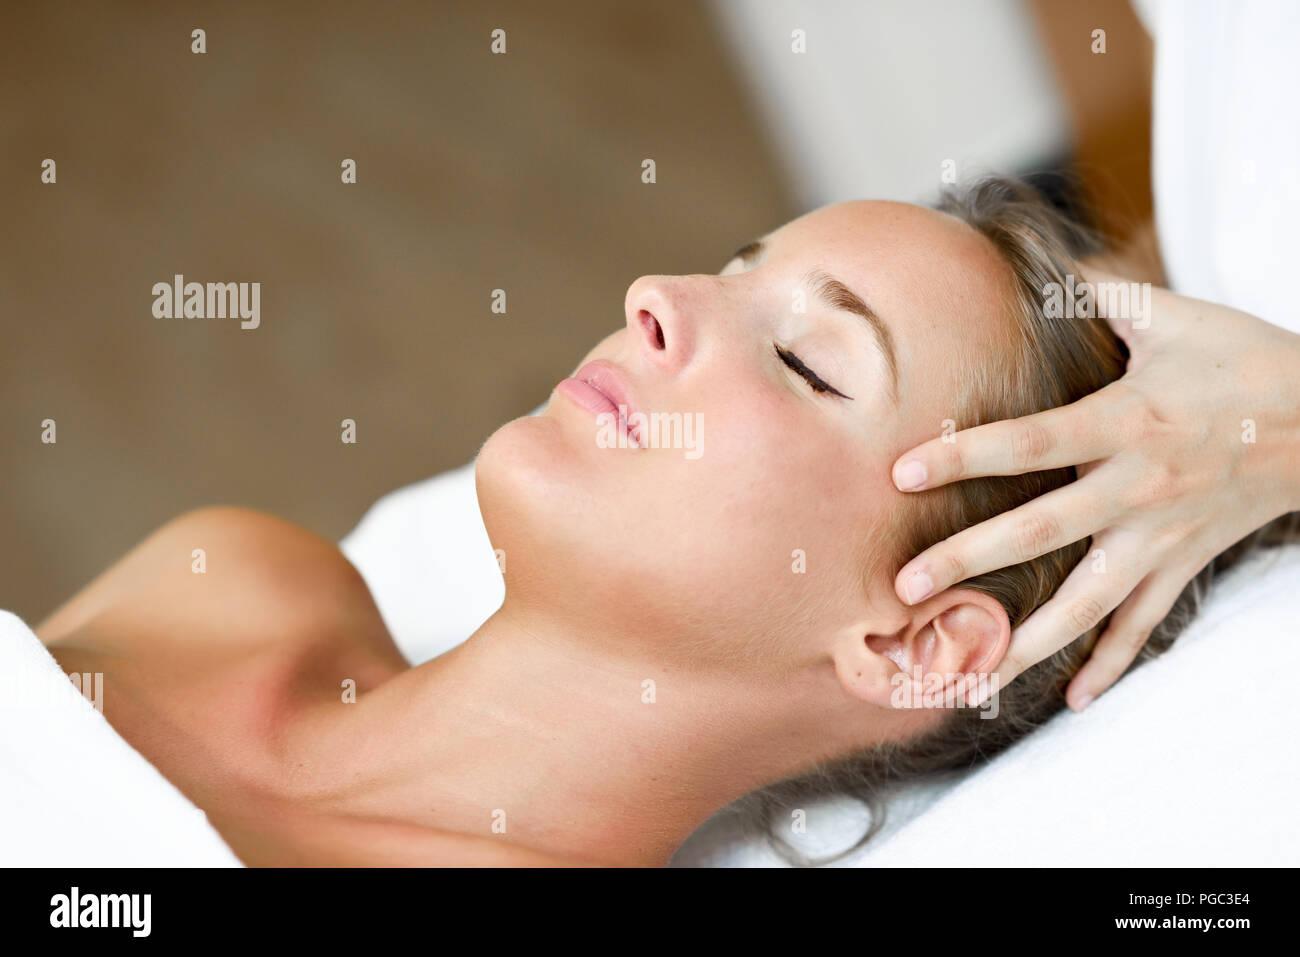 Junge blonde Frau mit einem Kopf Massage im Spa Center mit geschlossenen Augen. Weibliche Patienten ist, die Behandlung von professionellen Therapeuten. Stockbild